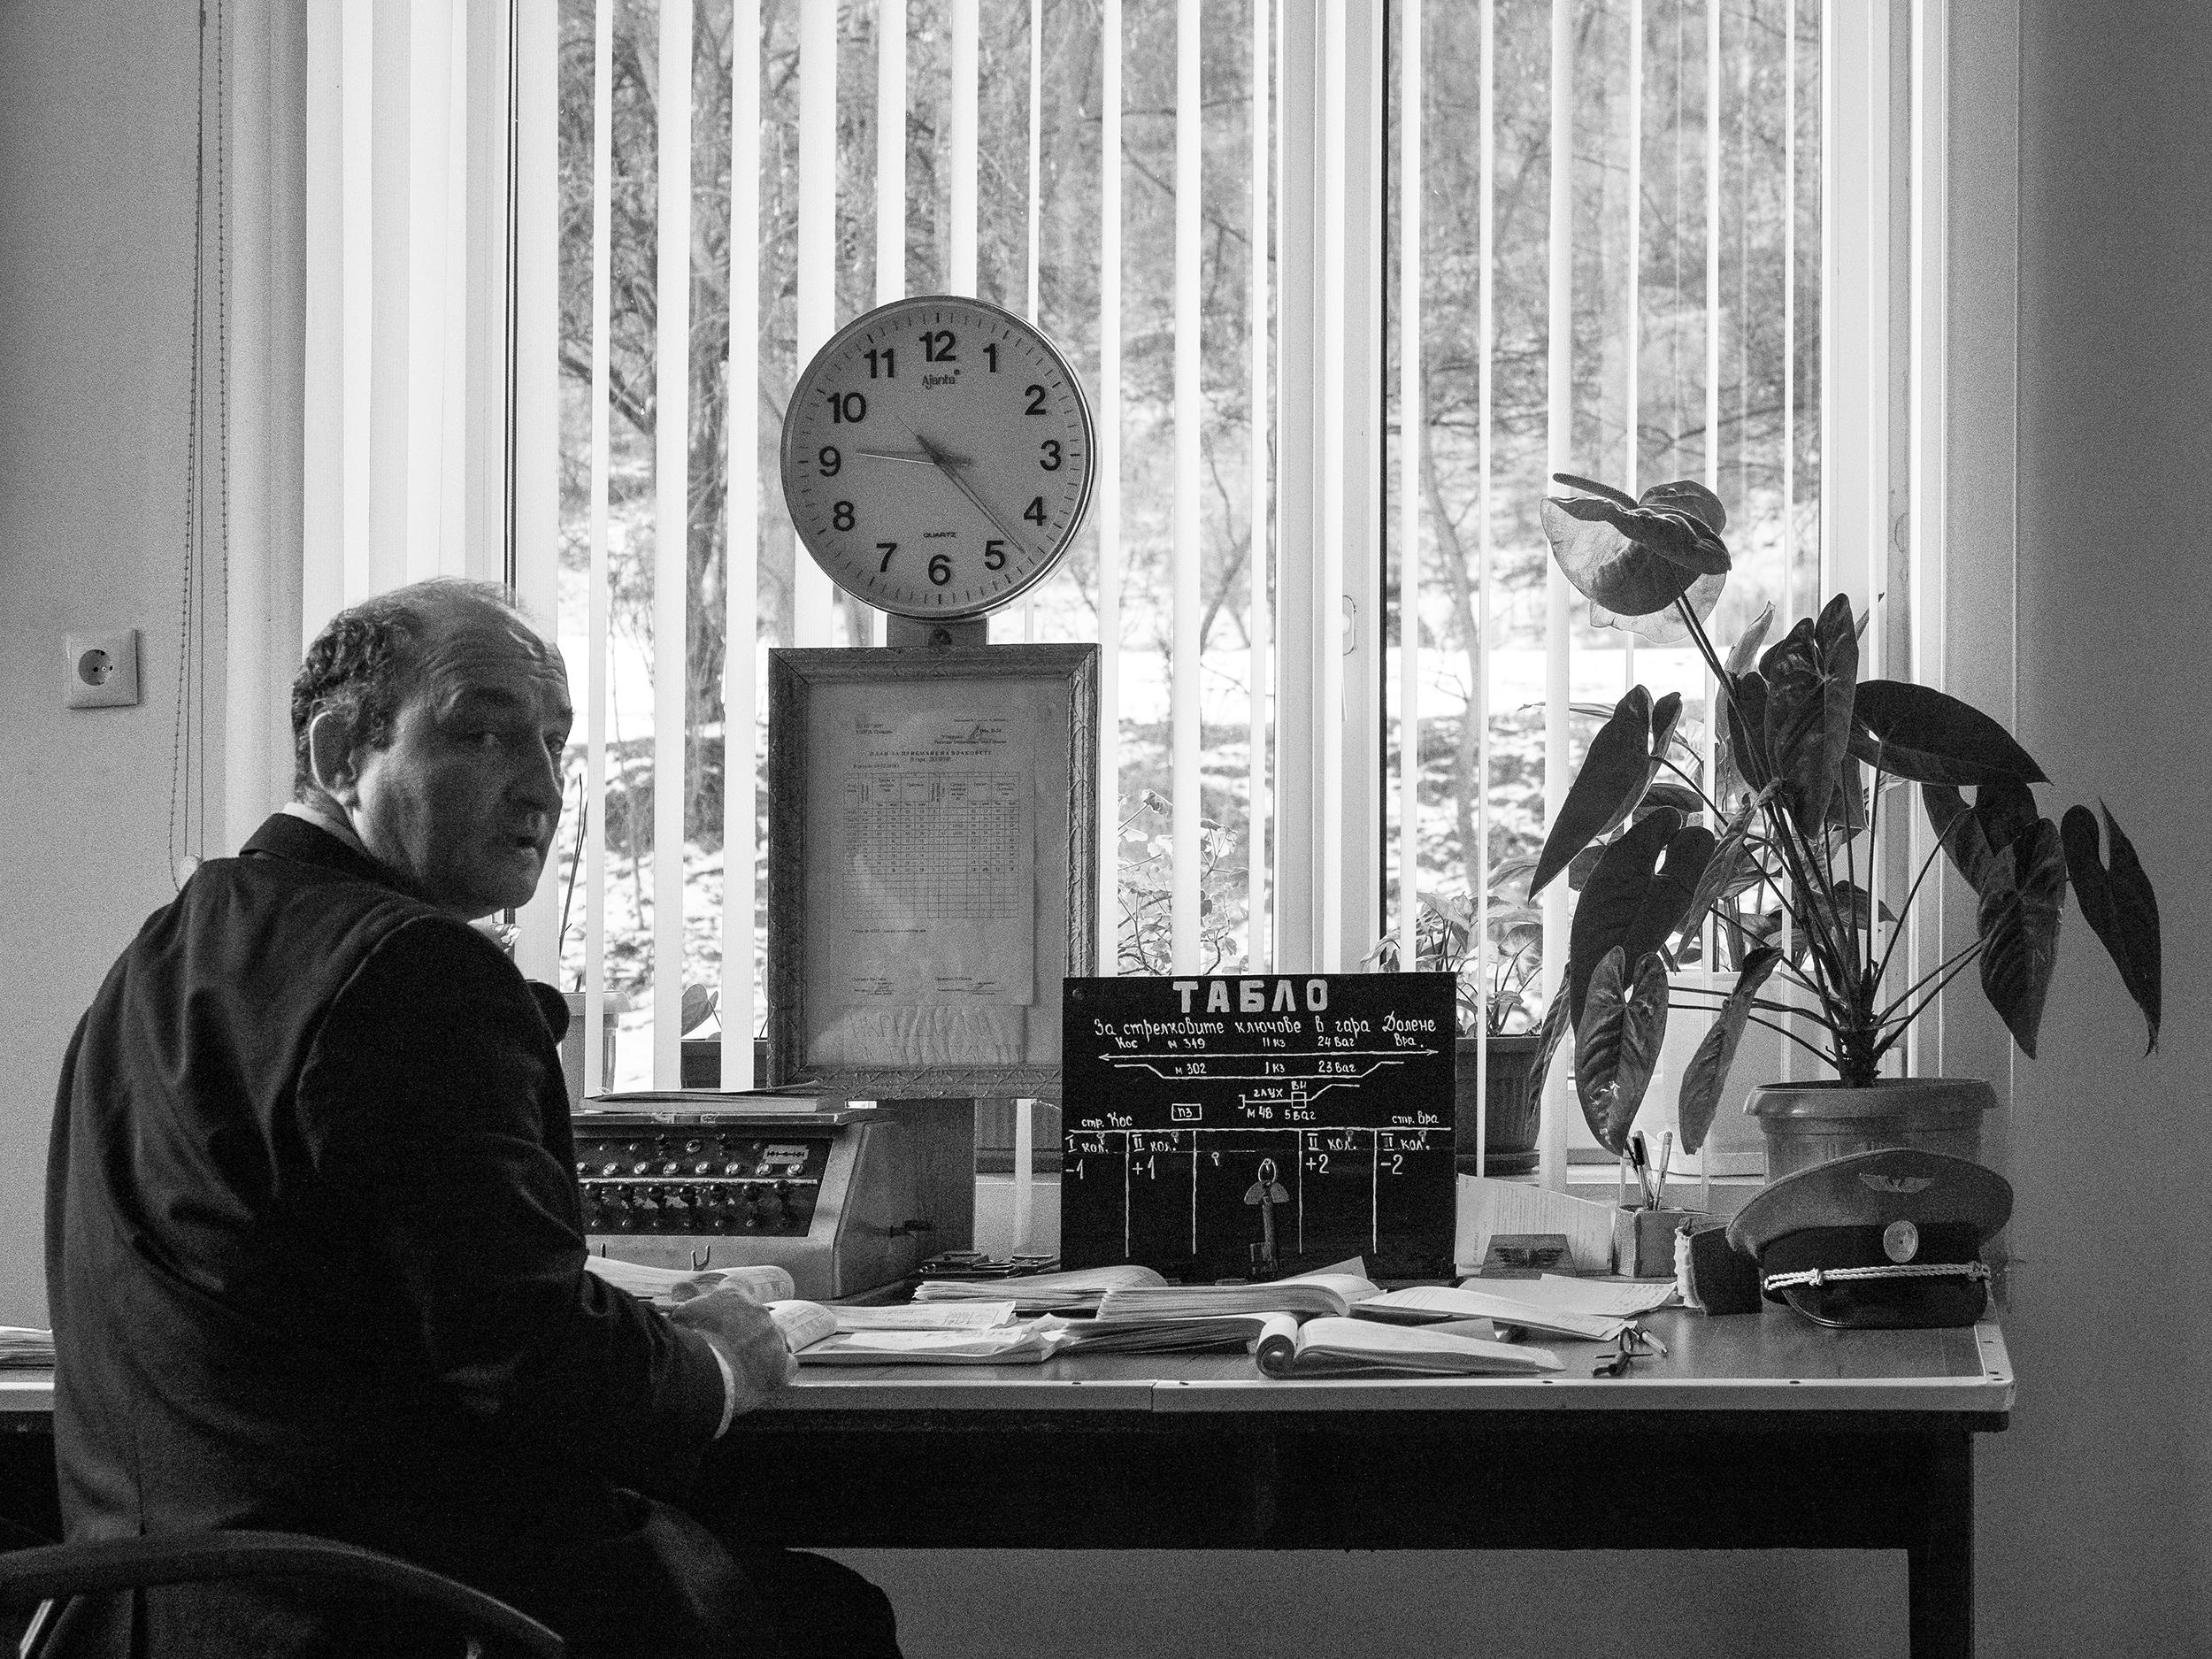 32 Years in the Job, Bulgaria